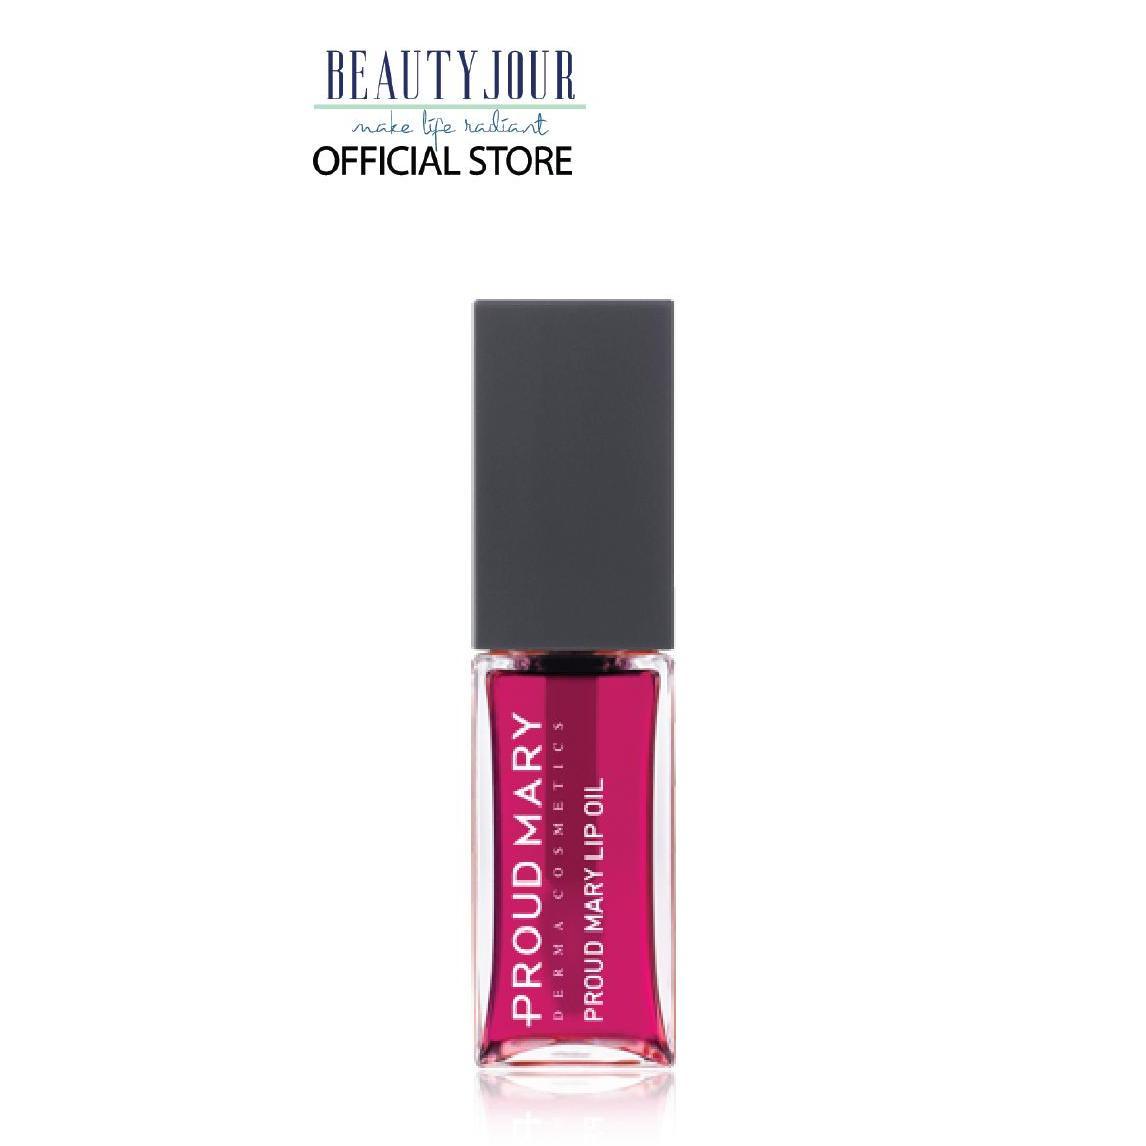 Proud Mary Raspmary Lip Oil By Beautyjour.